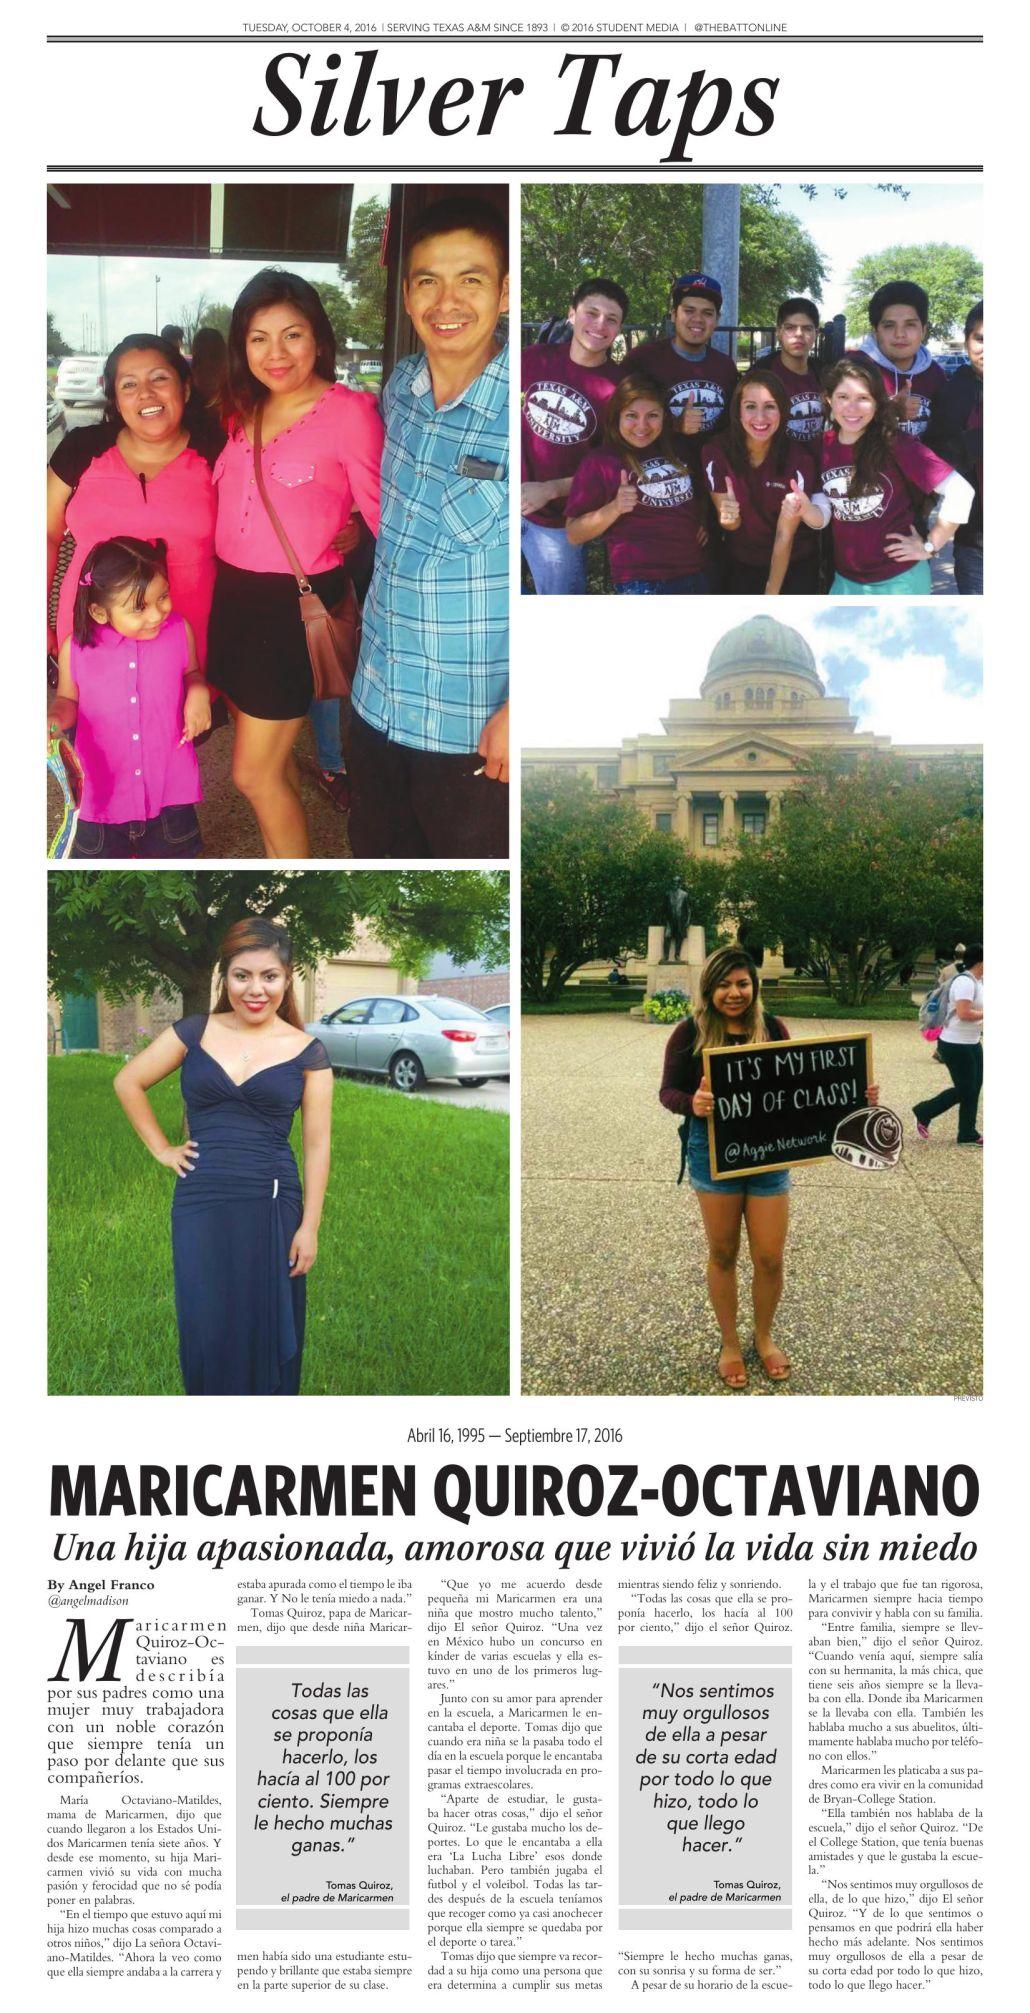 Maricarmen Quiroz-Ocatviano en Español